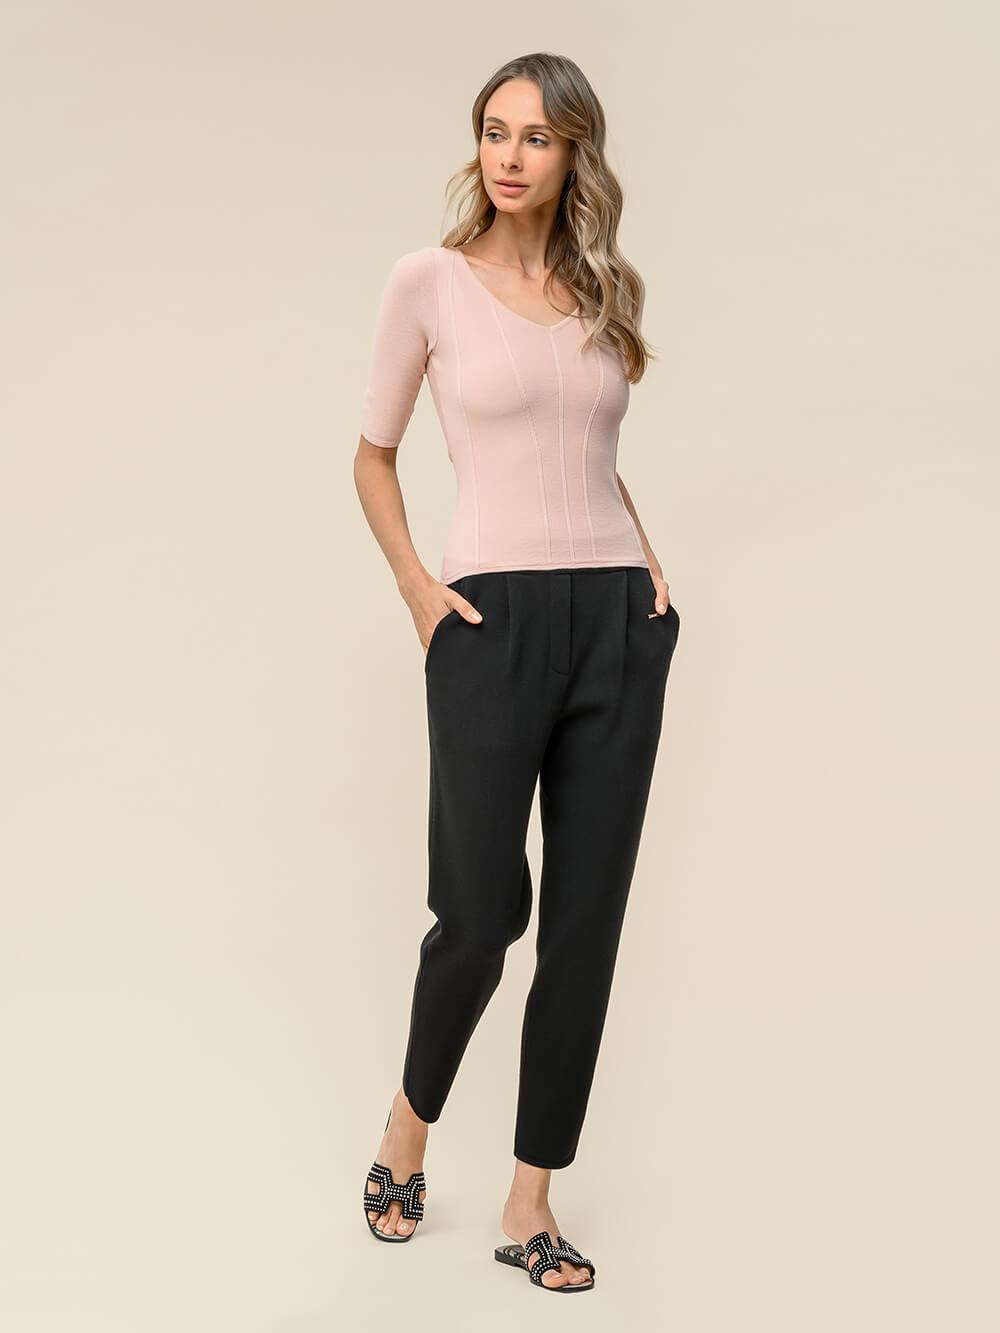 Женские укороченные брюки черного цвета из вискозы - фото 1